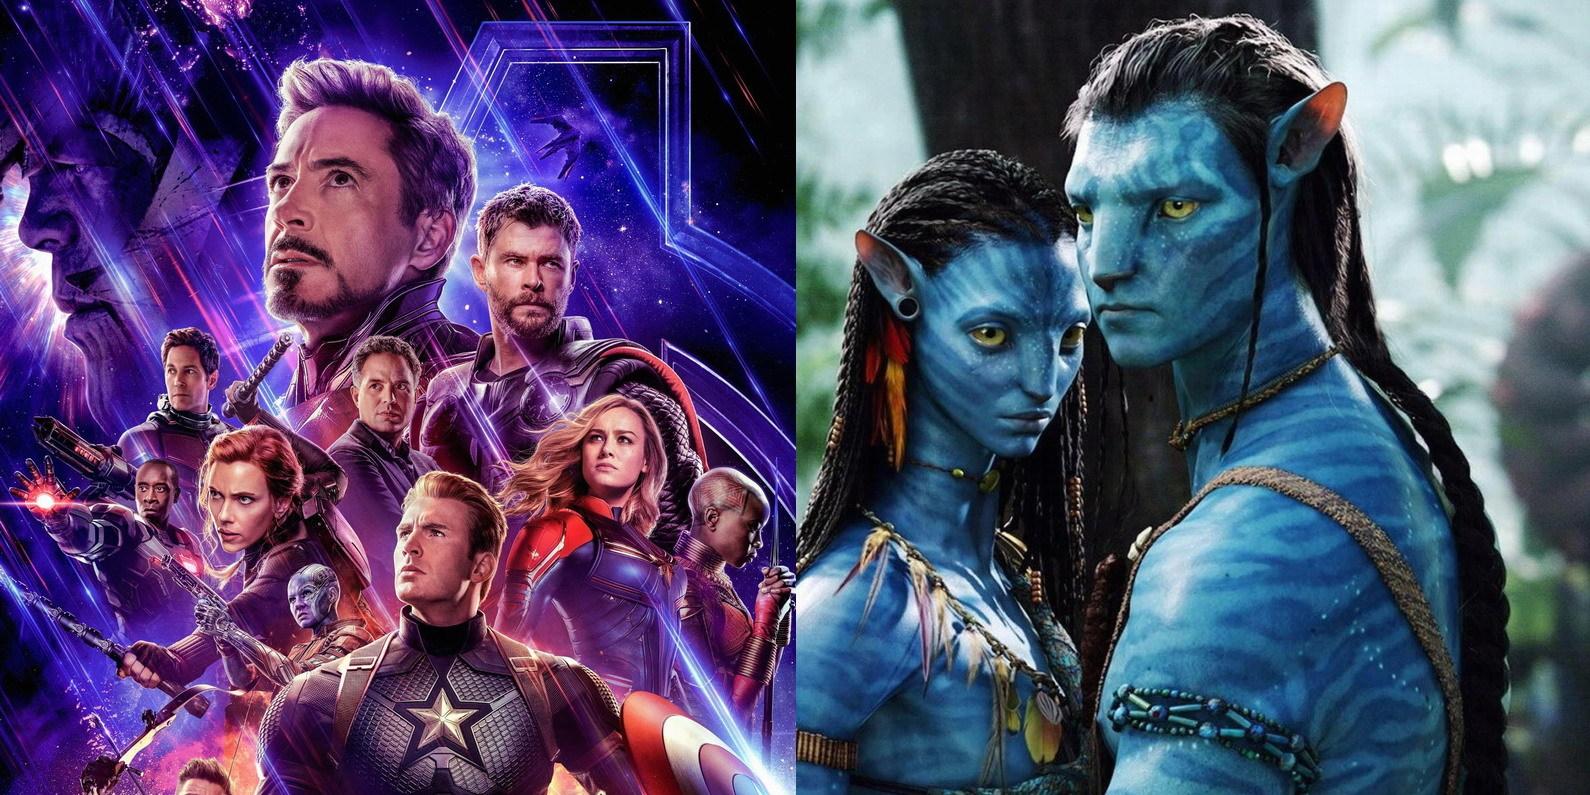 James Cameron comenta sobre batalha de bilheteria entre Avatar e Vingadores